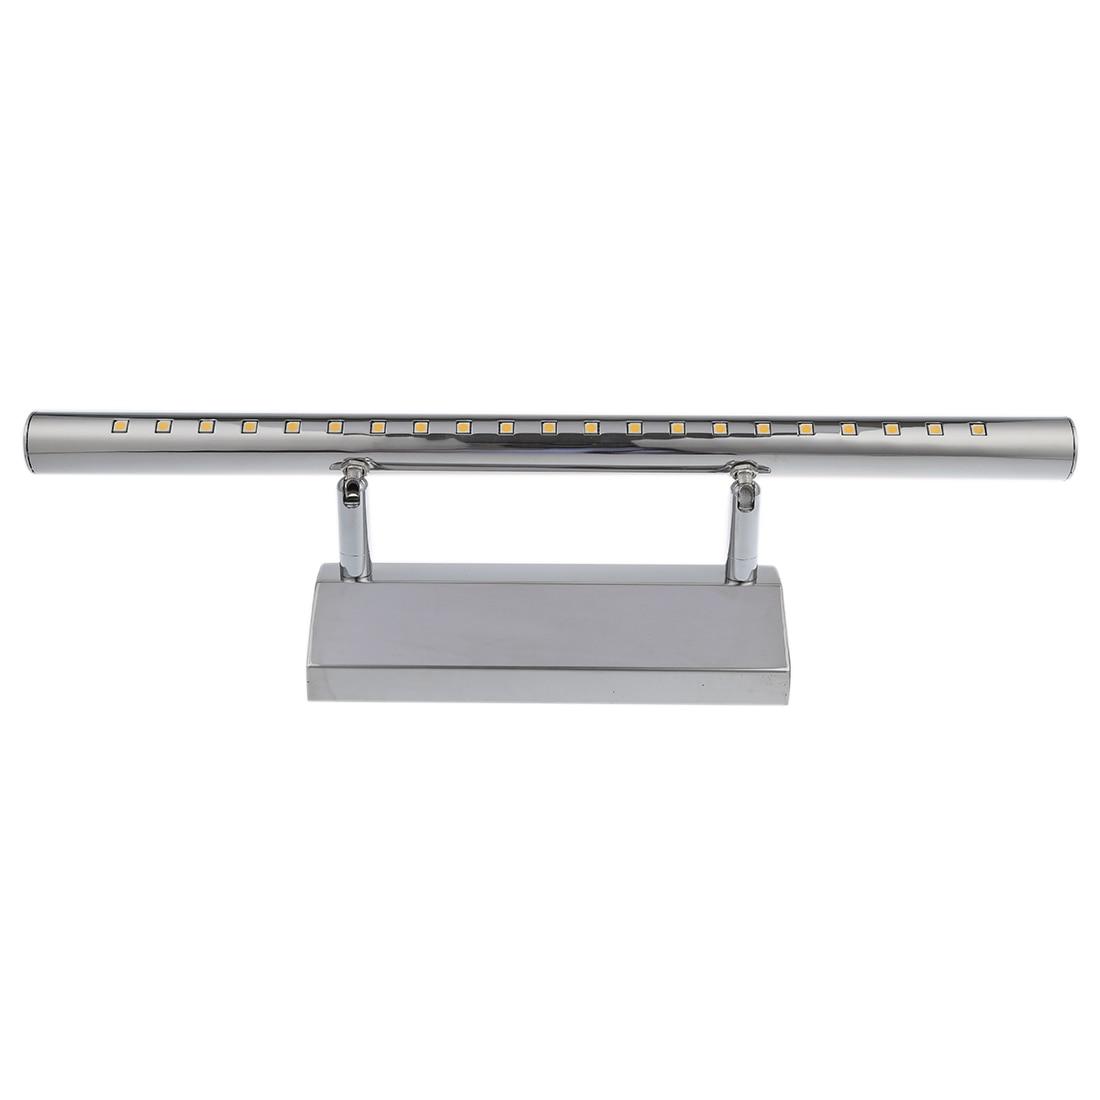 5 w 21 led 5050 smd in acciaio inox lampada da parete luce specchio bagno lampada